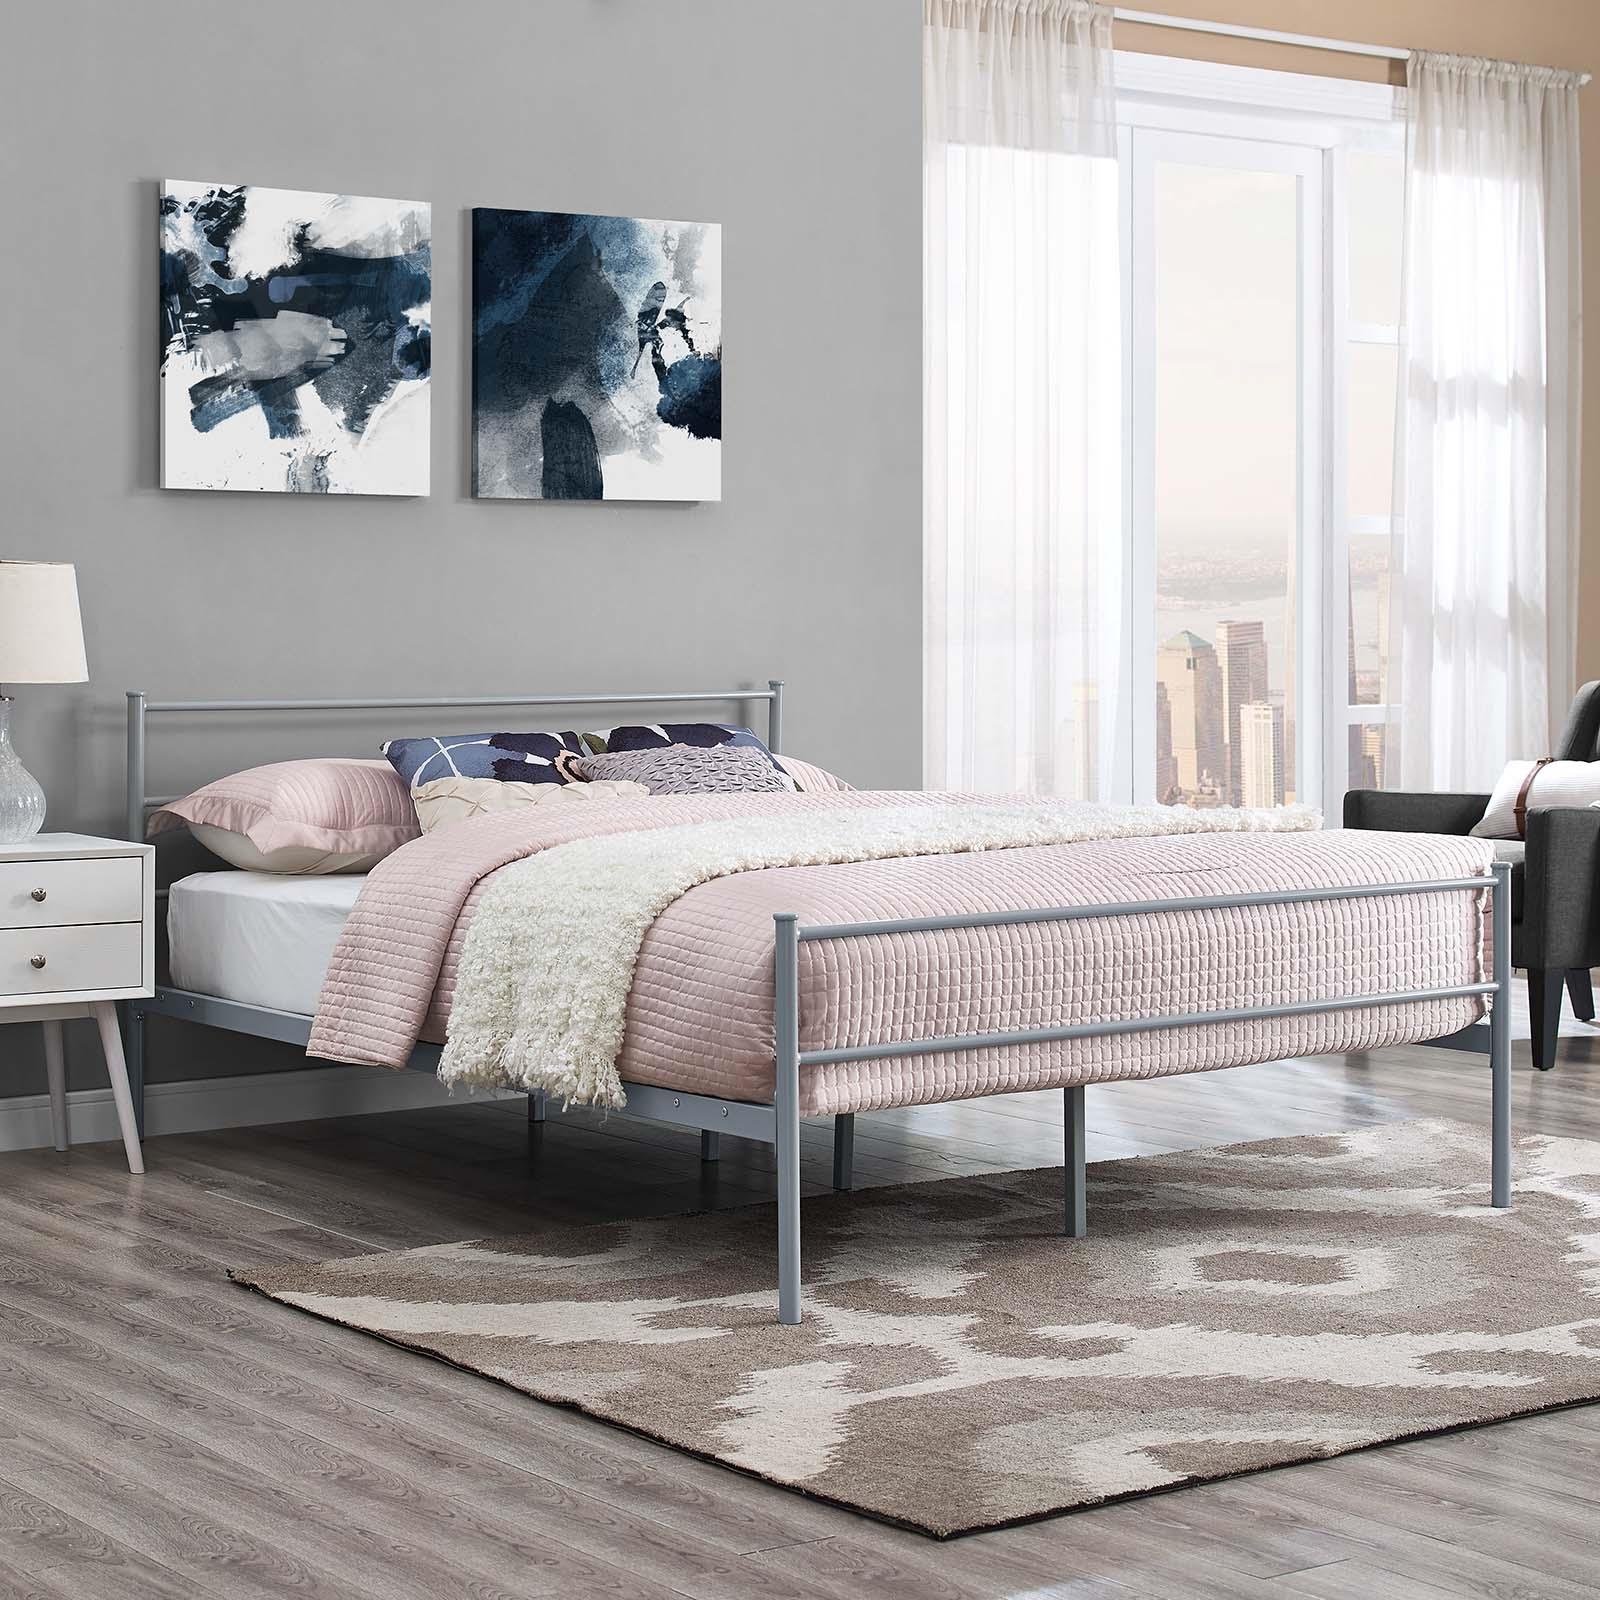 Alina Full Platform Bed Frame in Gray